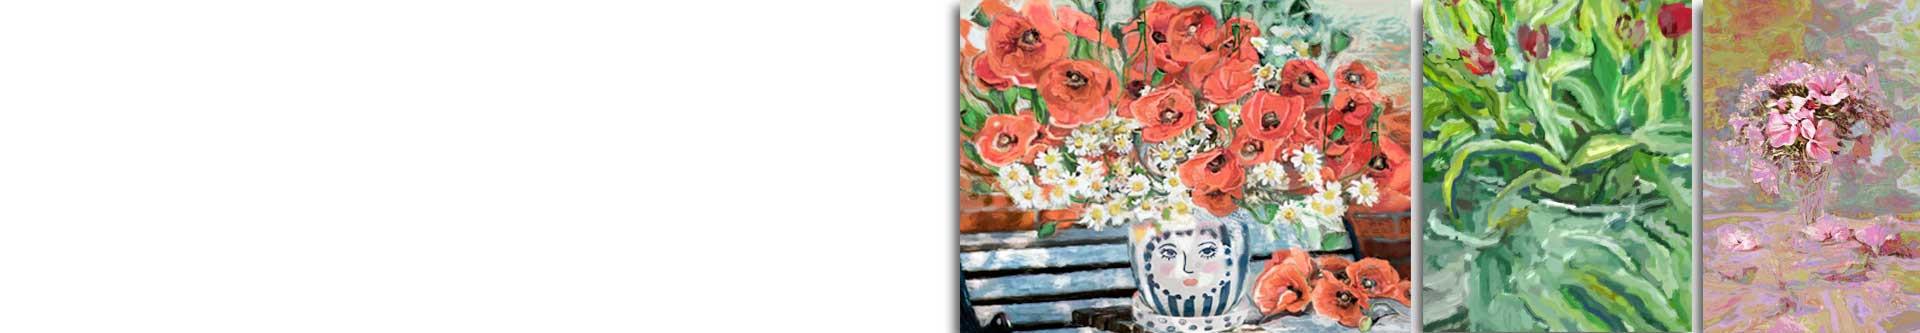 Obrazy kwiaty w wazonie - obrazy z kwiatami nowoczesne - grafikiobrazy.pl